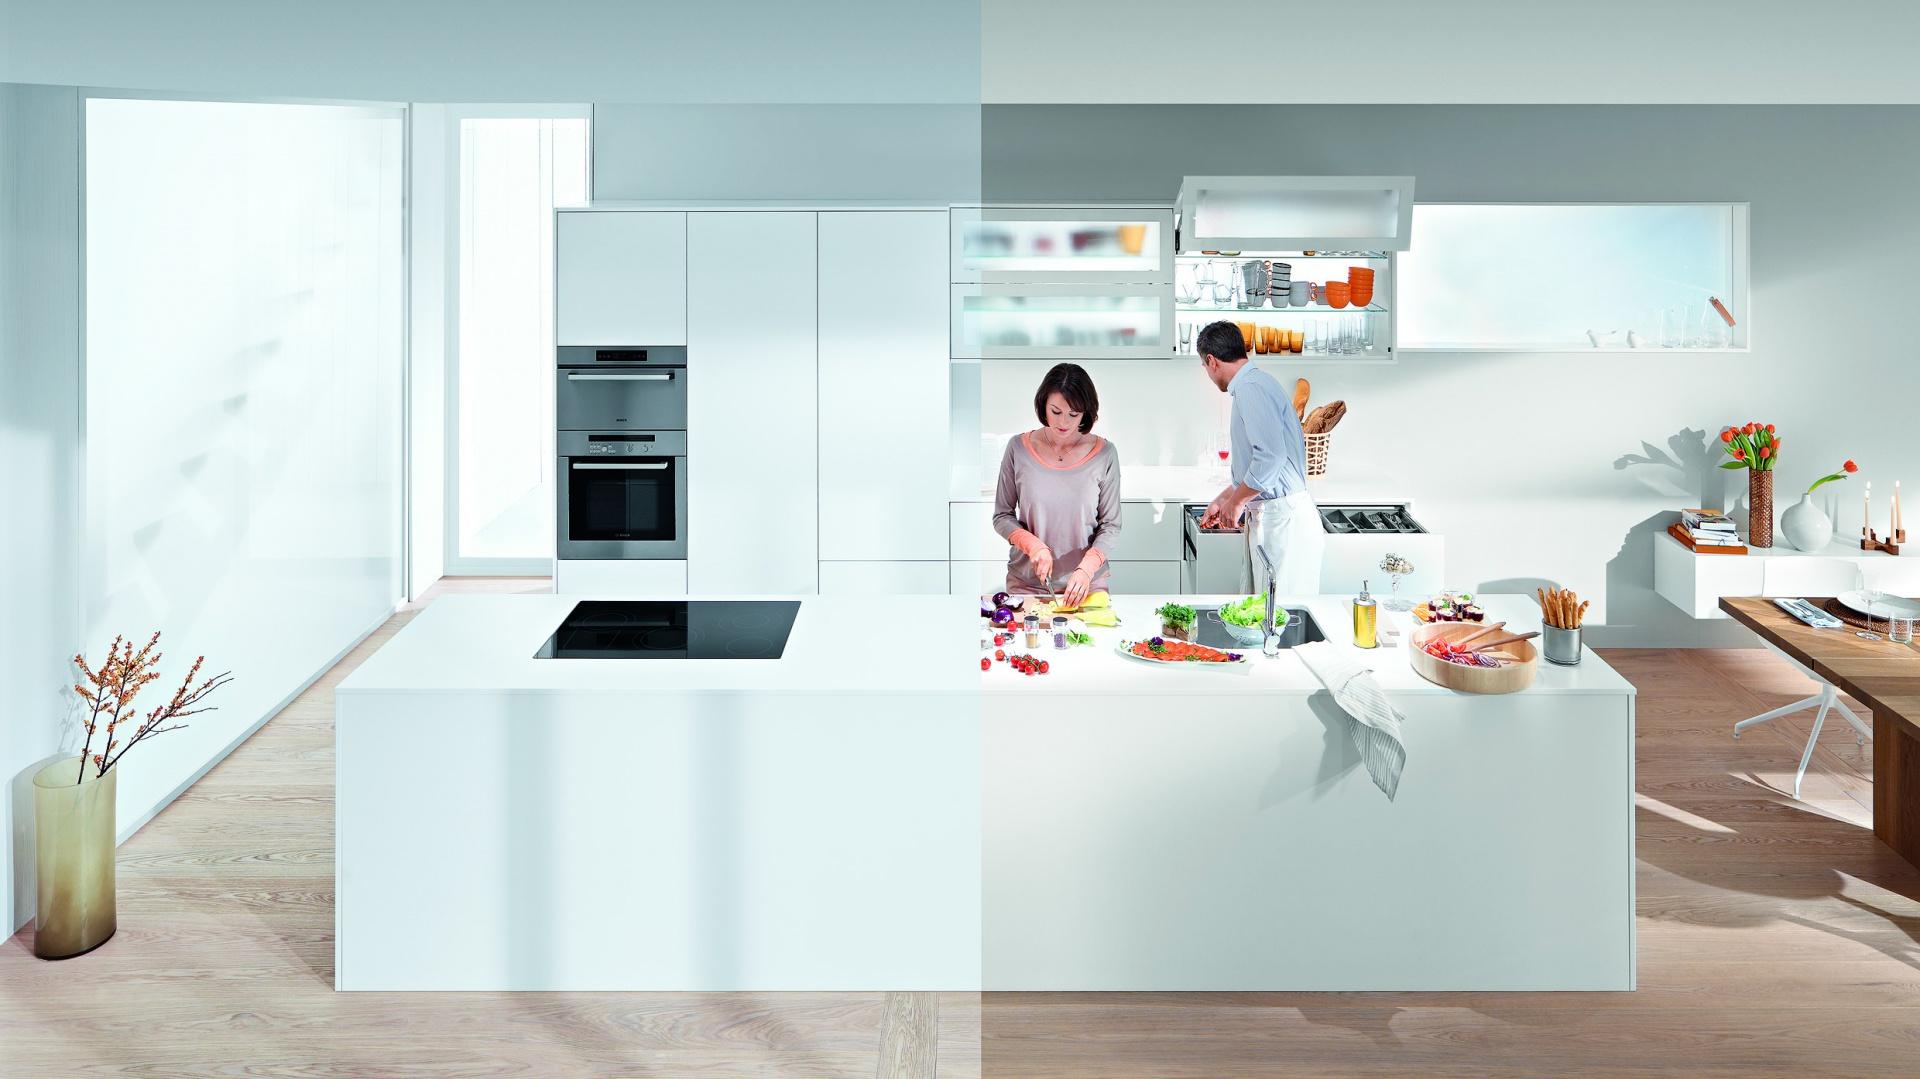 Każda kuchnia powinna być zarówno piękna jak i praktyczna. Fot. Blum.